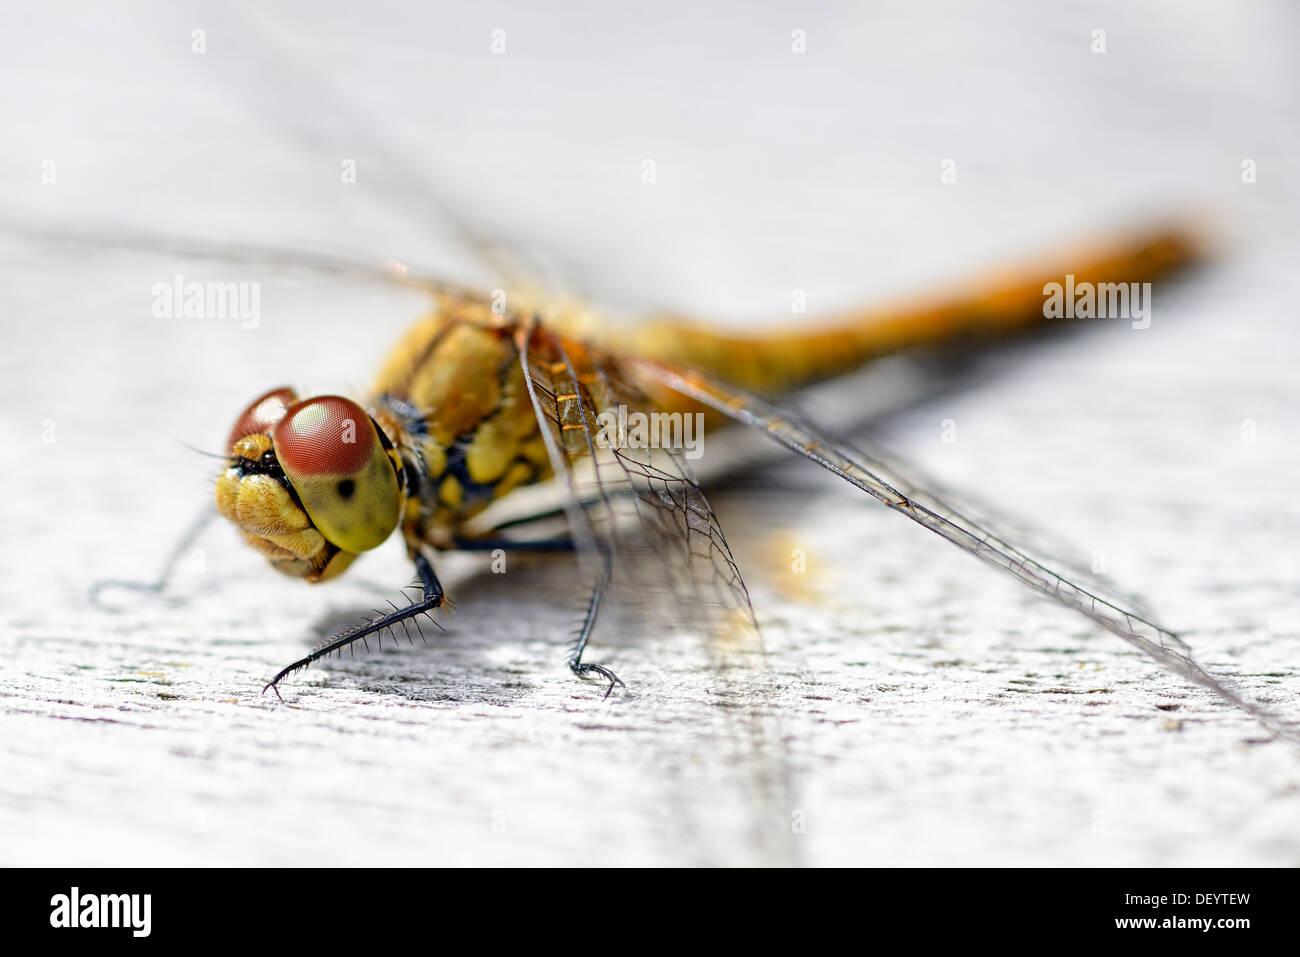 Dragonfly (Odonata), Libelle (Odonata) Stock Photo